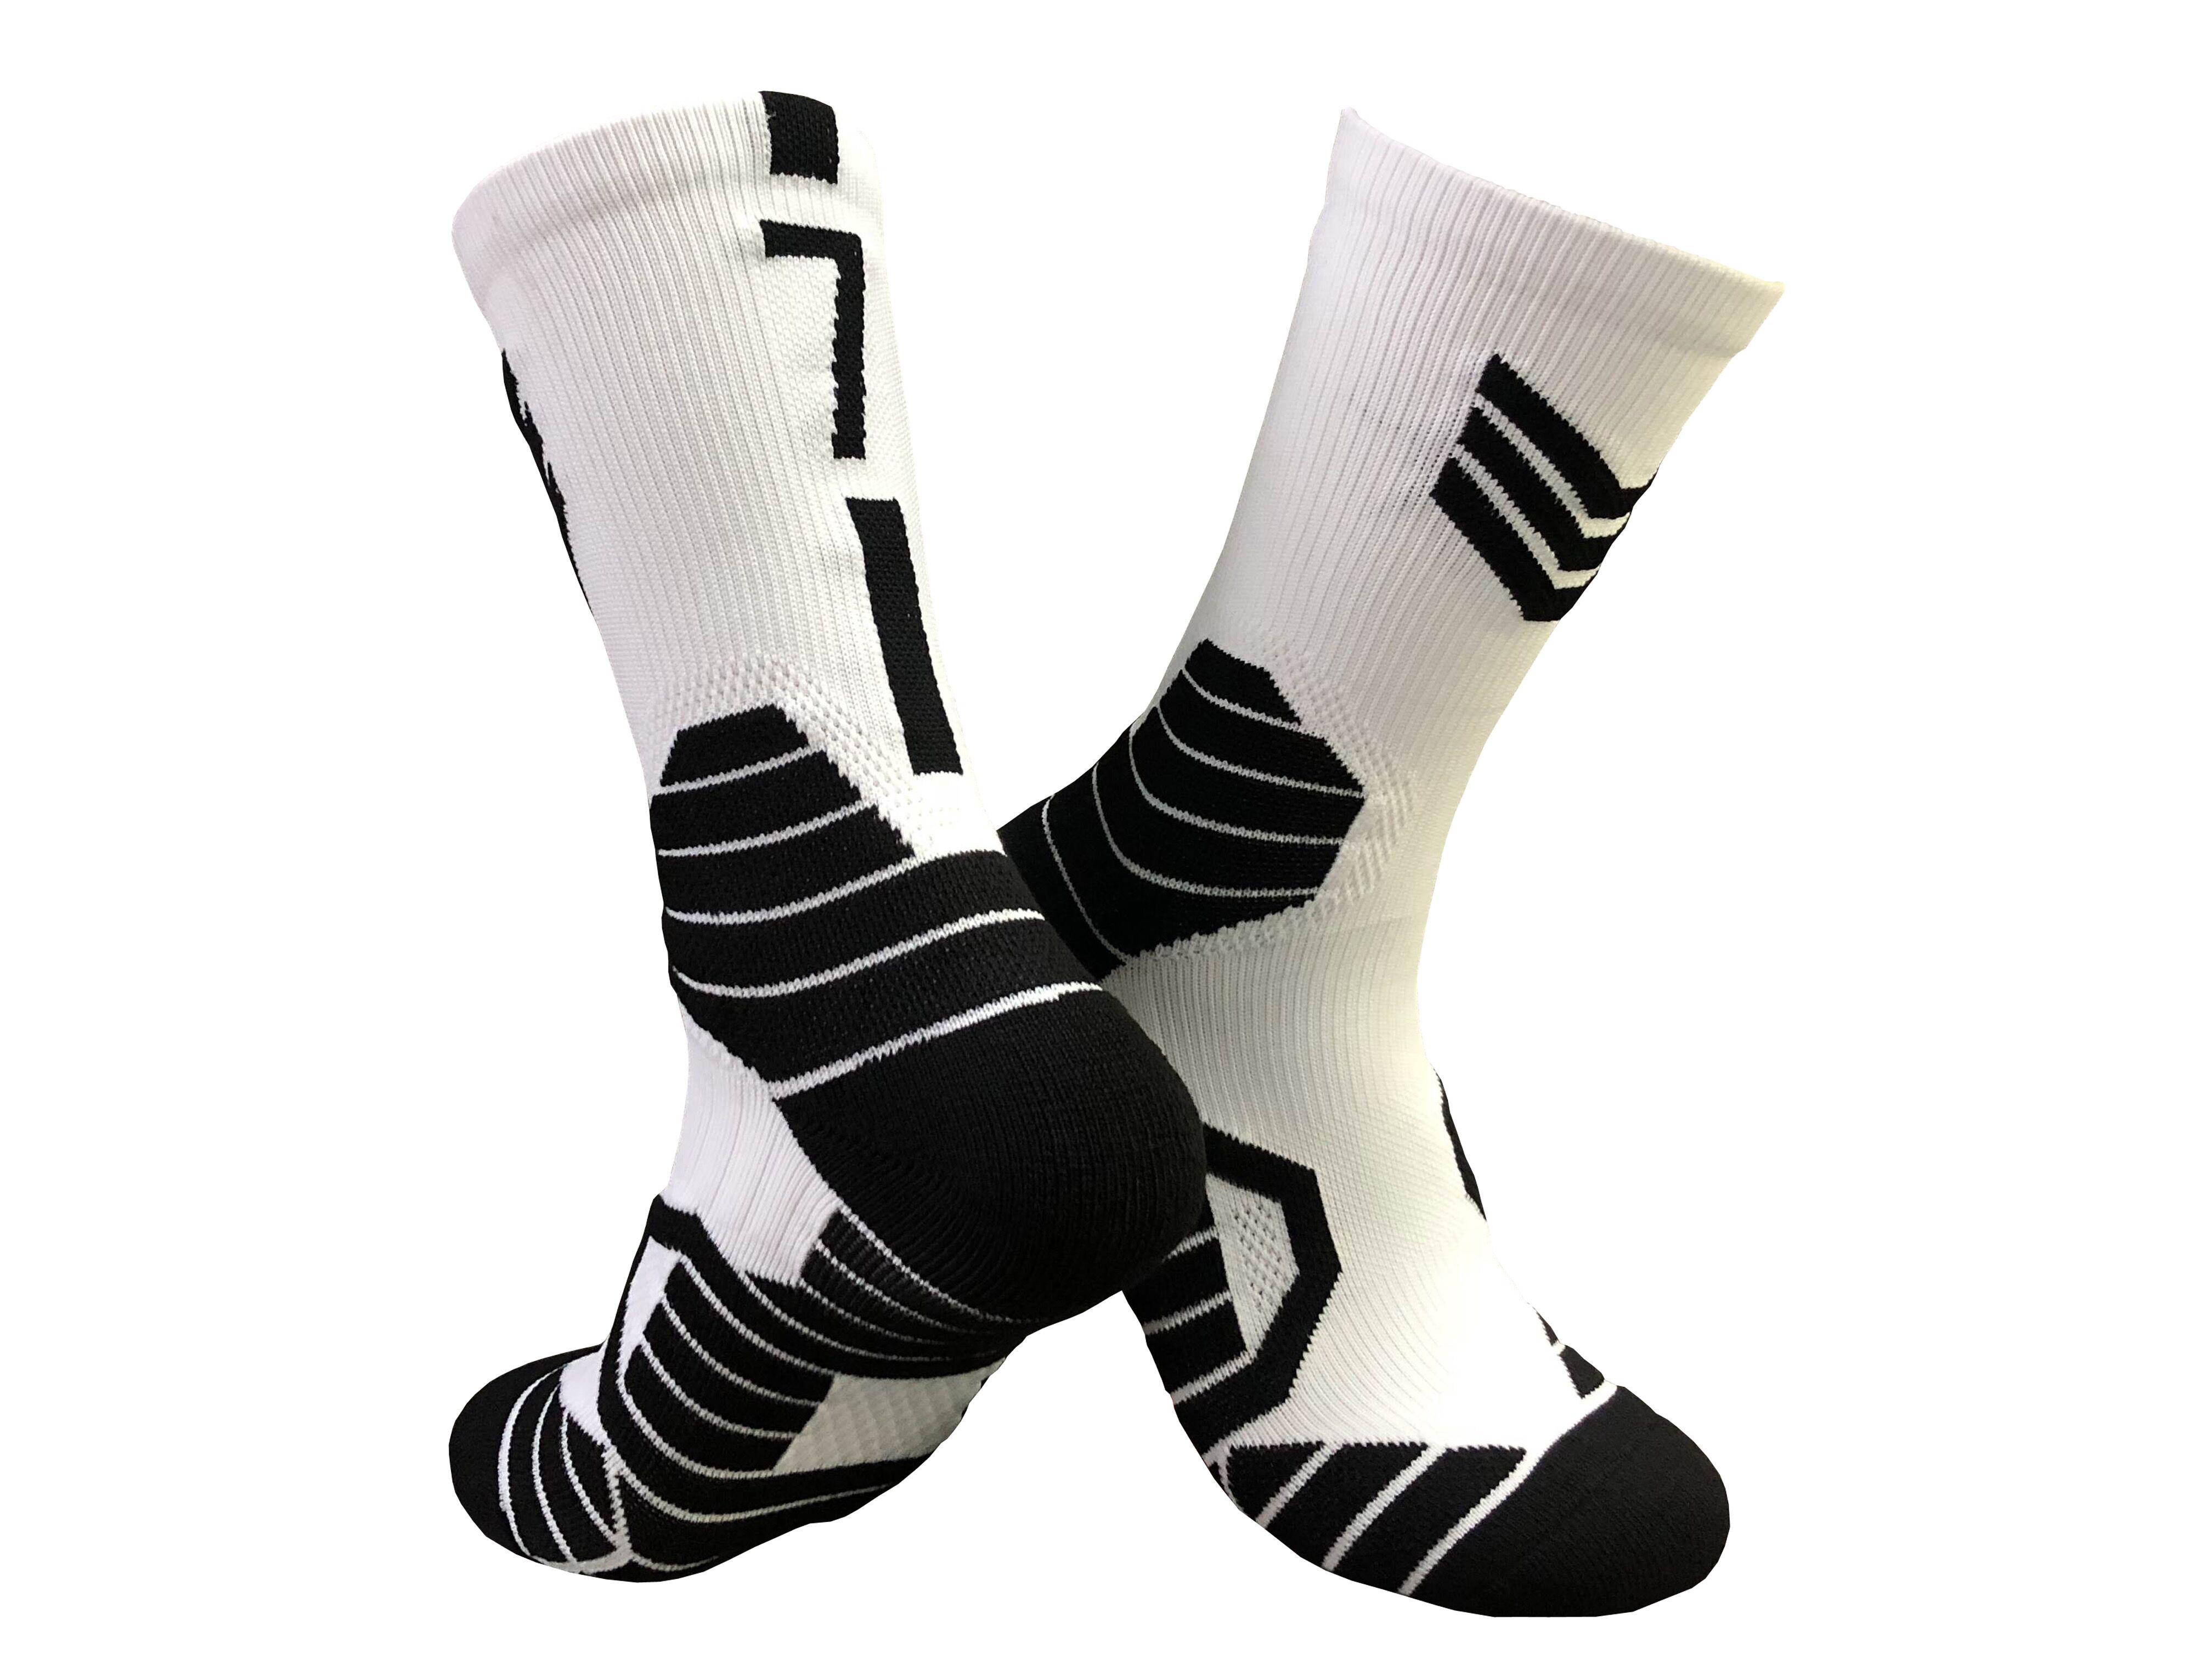 1 pair 7